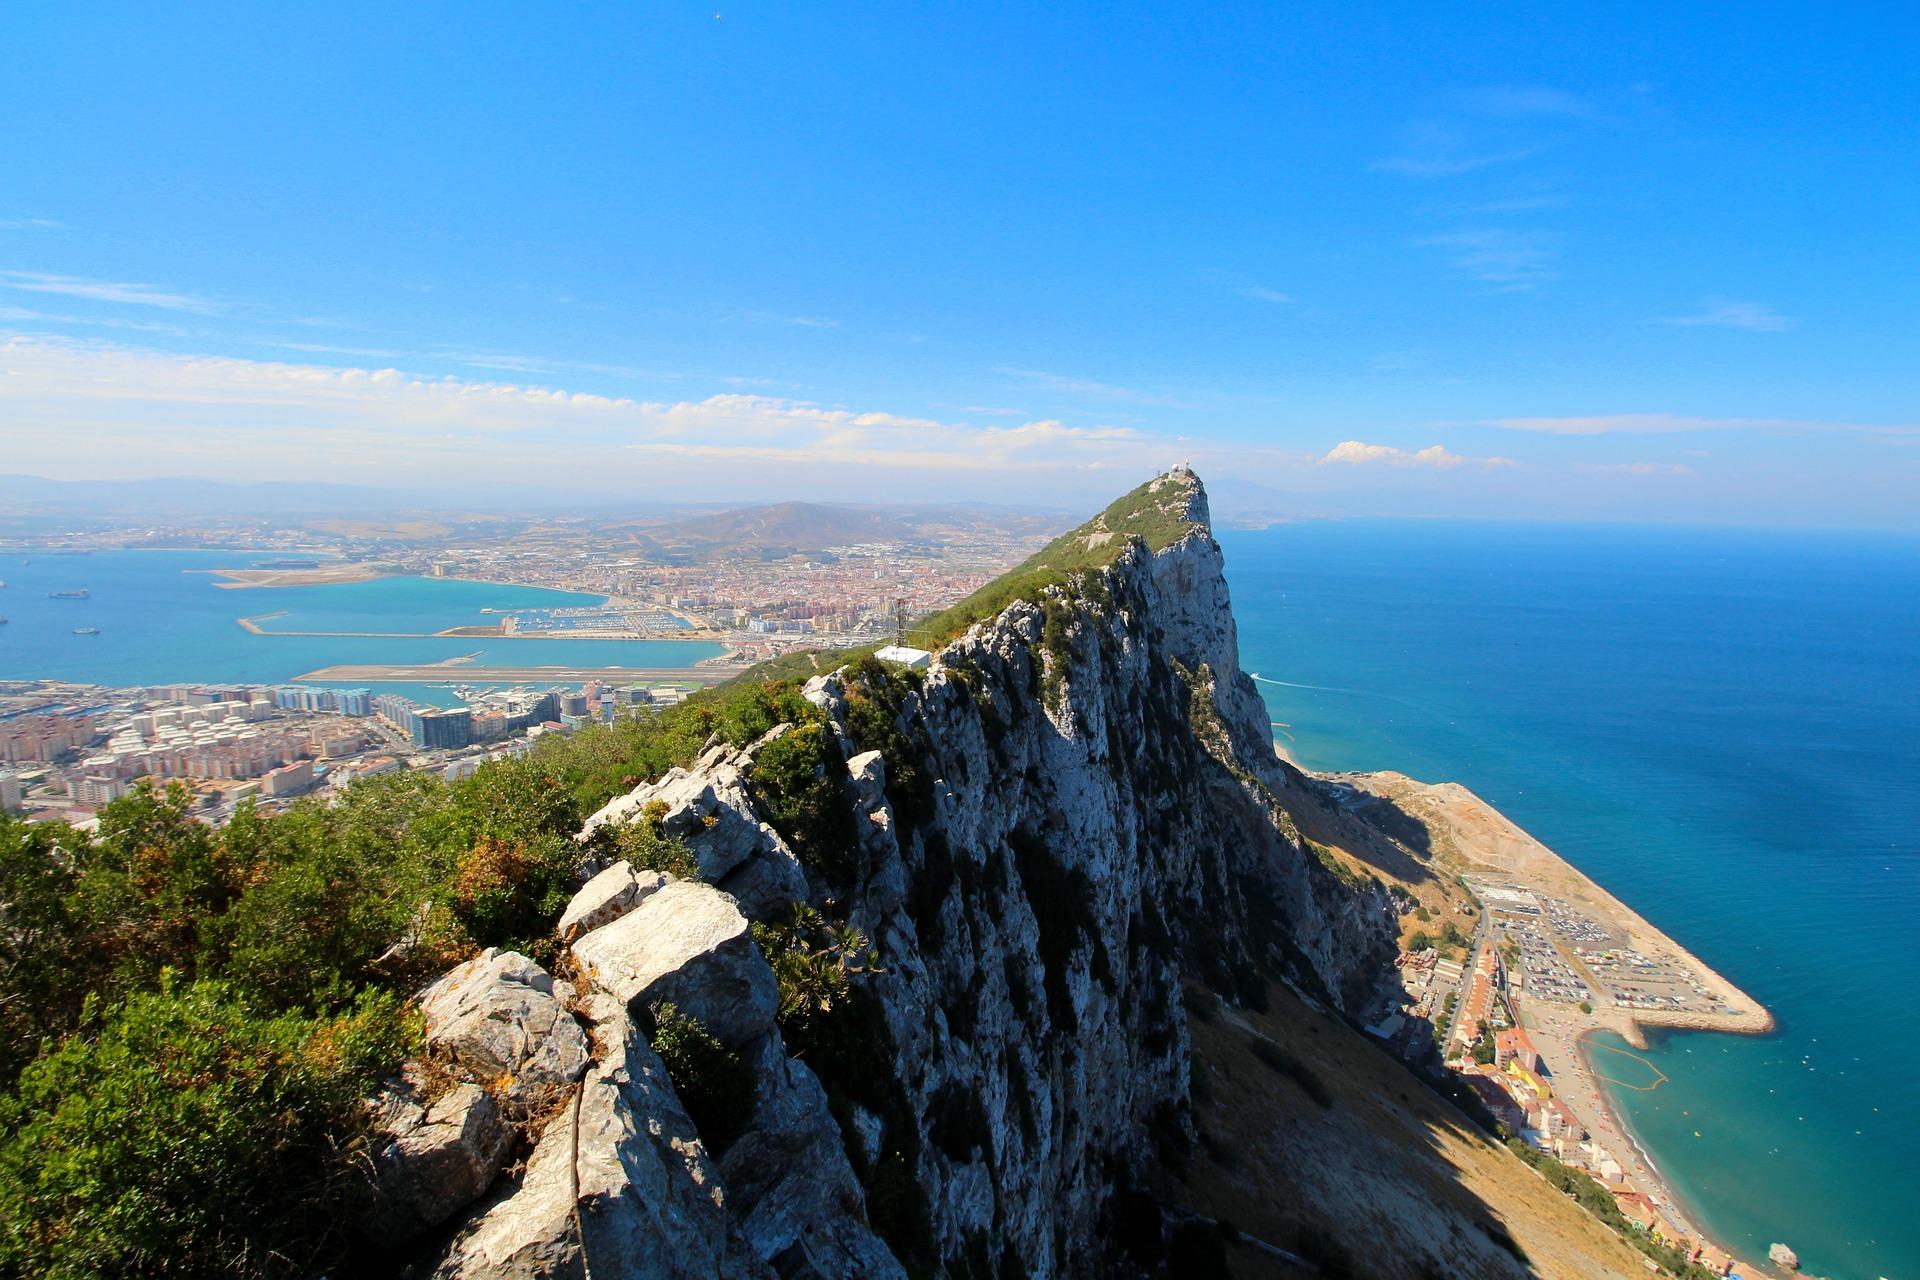 Španjolska će tražiti zajedničku kontrolu nad Gibraltarom nakon Brexita